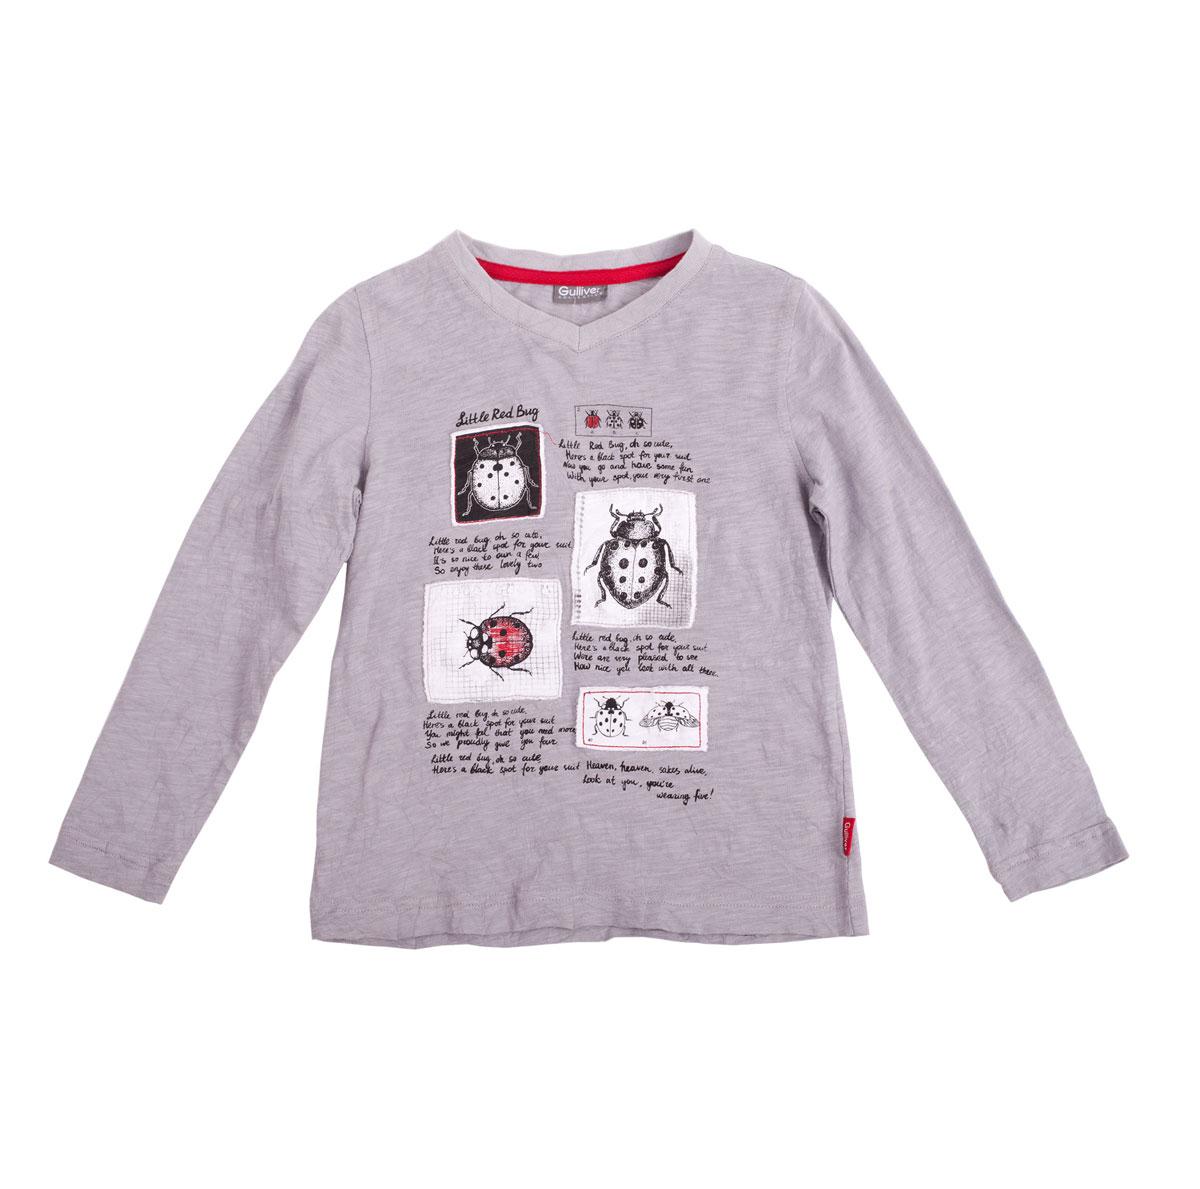 Лонгслив11603BMC1202Модная футболка с длинным рукавом для мальчика Gulliver Красный жук станет отличным дополнением к детскому гардеробу. Модель выполнена из натурального хлопка, очень мягкая и приятная на ощупь, не сковывает движения и позволяет коже дышать, обеспечивая наибольший комфорт. Футболка с V-образным вырезом горловины и длинными рукавами оформлена актуальным эффектом легкой потертости и состаренности. Вырез горловины дополнен трикотажной резинкой. Изделие украшено нашивками с изображением божьих коровок, а также принтовыми надписями. Дизайн и расцветка делают эту футболку стильным предметом детской одежды, она поможет создать отличный современный образ.